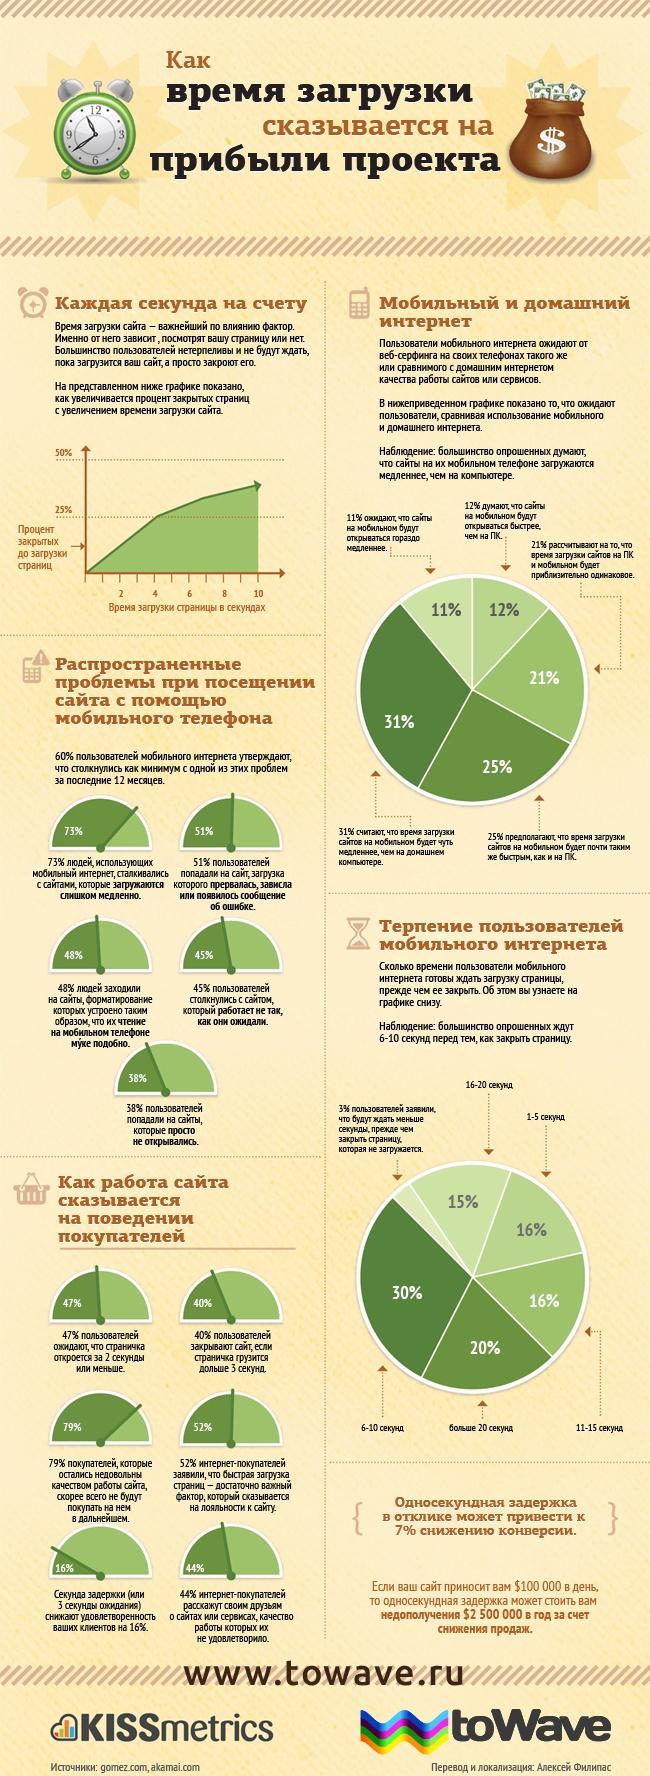 Инфографика: Как время загрузки сказывается на прибыли проекта